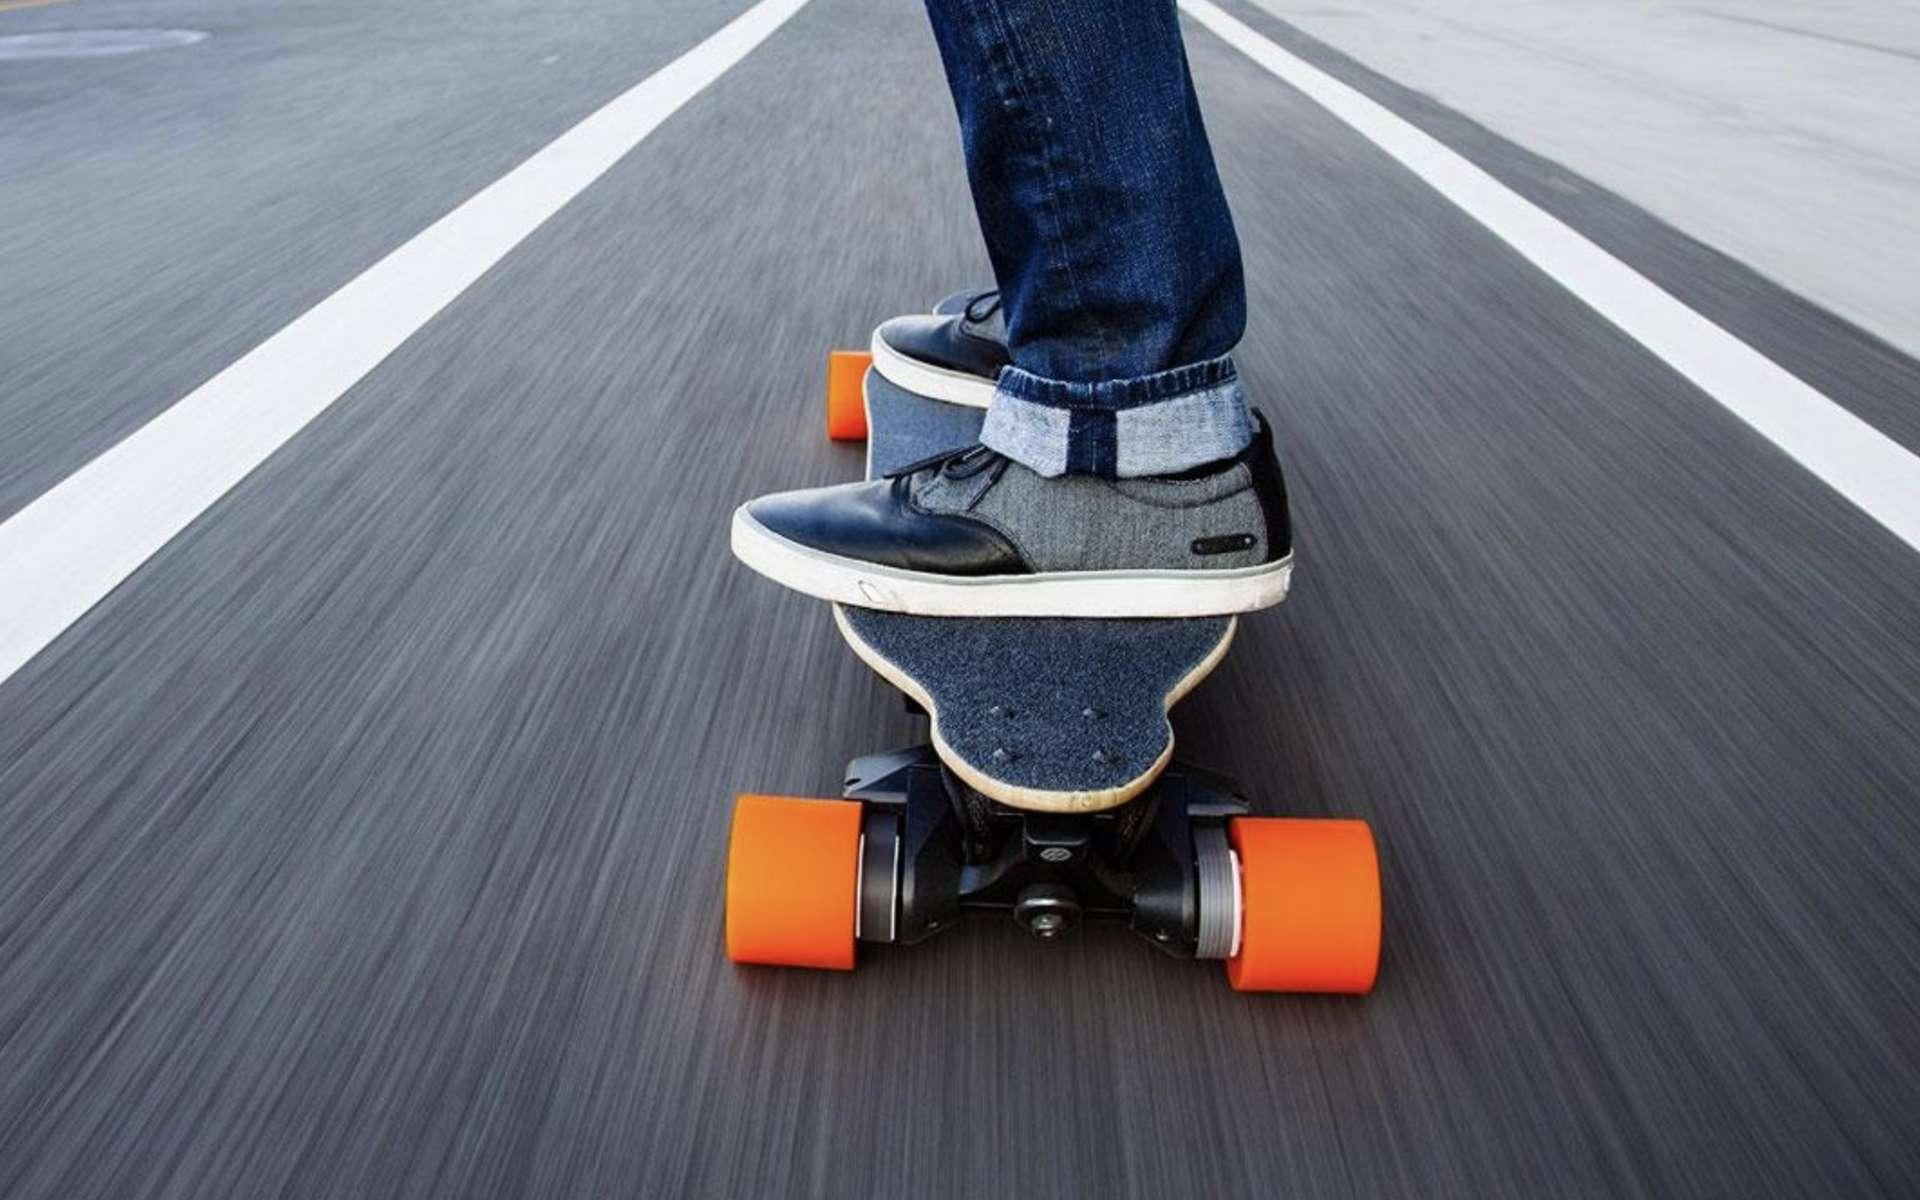 Choisir un skate électrique ©dudeiwantthat.com